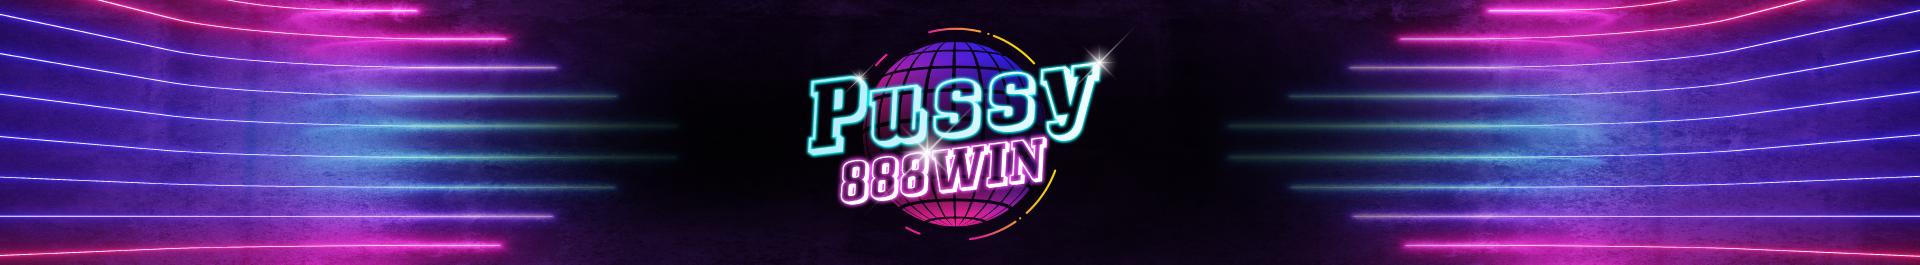 logo pussy888win